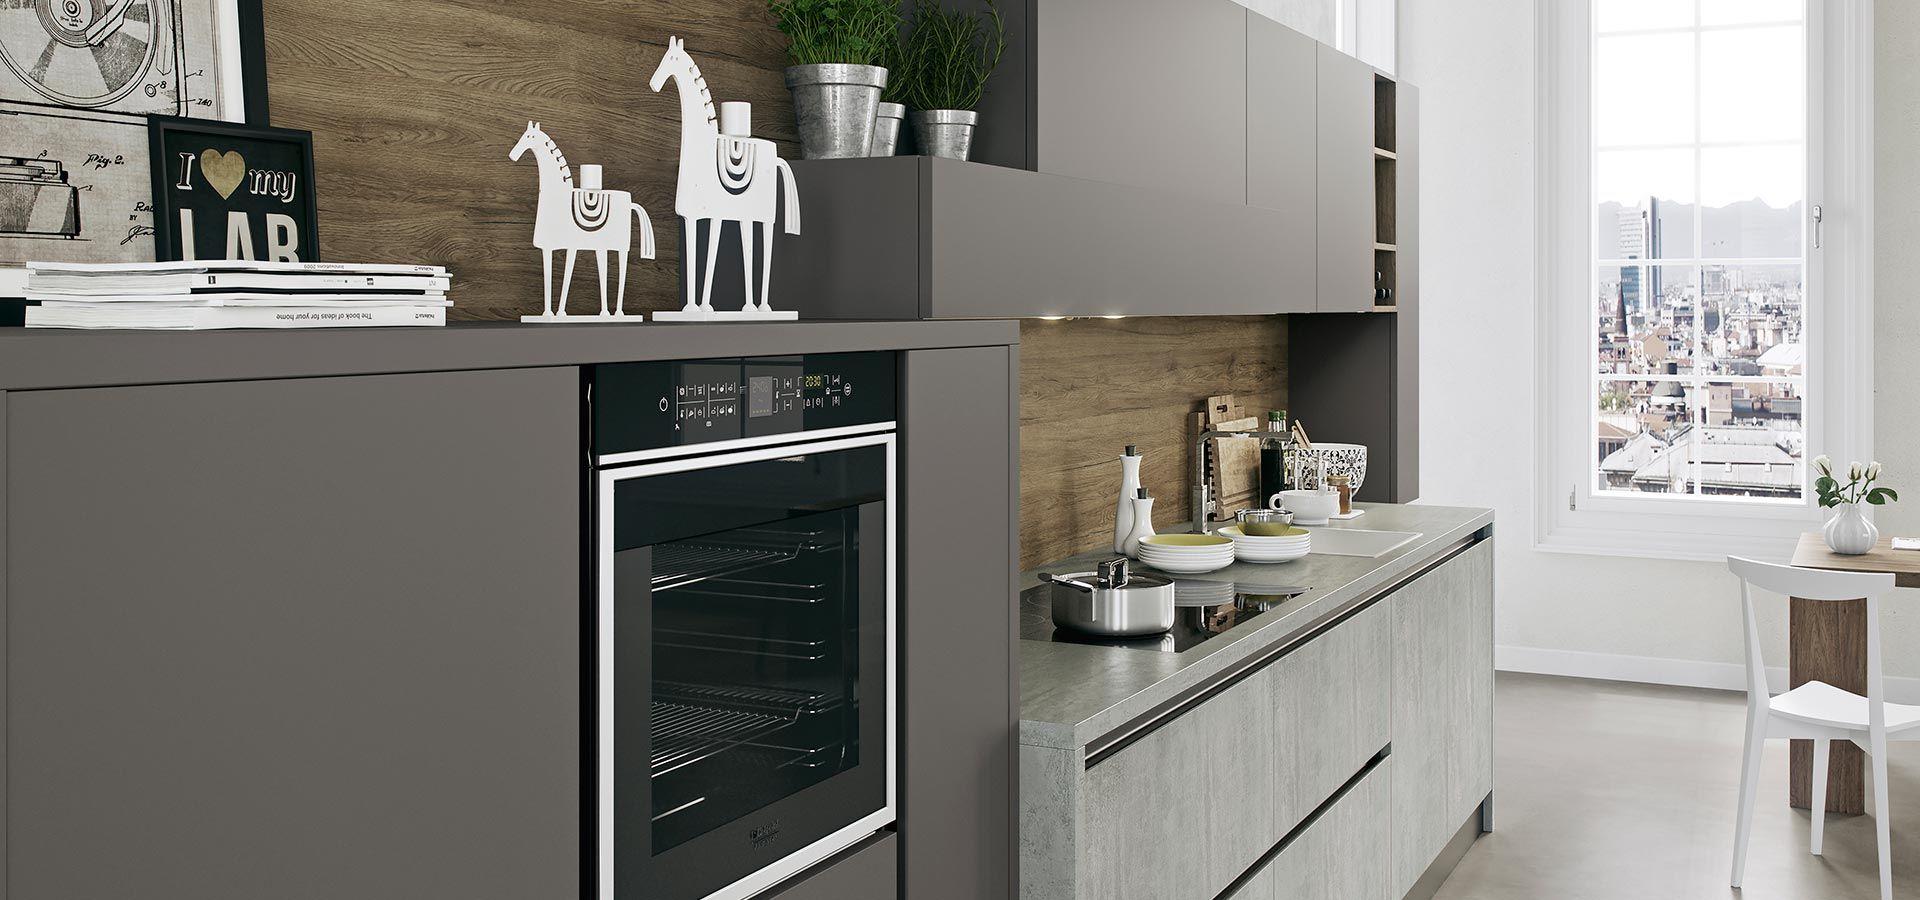 cucina moderna kal finitura cementho e maxximatt lavagna piano in laminato cementho maniglia